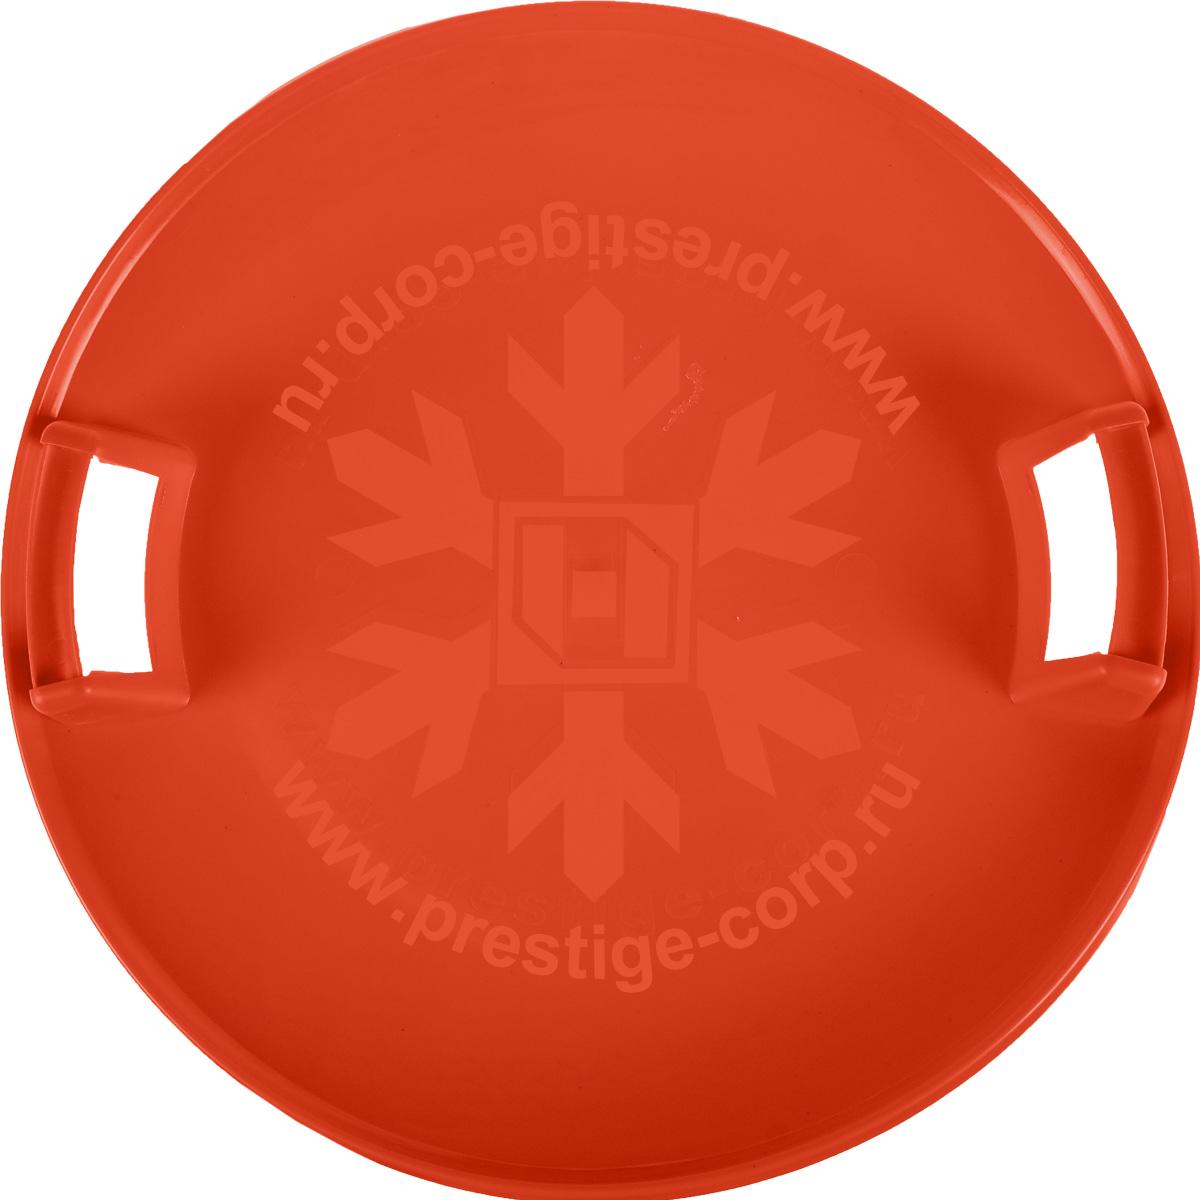 Санки-ледянки Престиж Экстрим, с пластиковыми ручками, цвет: оранжевый, диаметр 58 см336916Любимая детская зимняя забава - это катание с горки. Яркие санки-ледянки Престиж Экстрим станут незаменимым атрибутом этой веселой детской игры. Санки-ледянки Престиж Экстрим - это специальная пластиковая тарелка, облегчающая скольжение и увеличивающая скорость движения по горке. Круглая ледянка выполнена из прочного морозоустойчивого пластика и снабжена двумя удобными ручками, чтобы катание вашего ребенка было безопасным. Отличная скорость, прочный материал и спуск, который можно закончить сидя спиной к низу горки - вот что может предоставить это изделие! Благодаря малому весу, ледянку, в отличие от обычных санок, легко нести с собой даже ребенку.